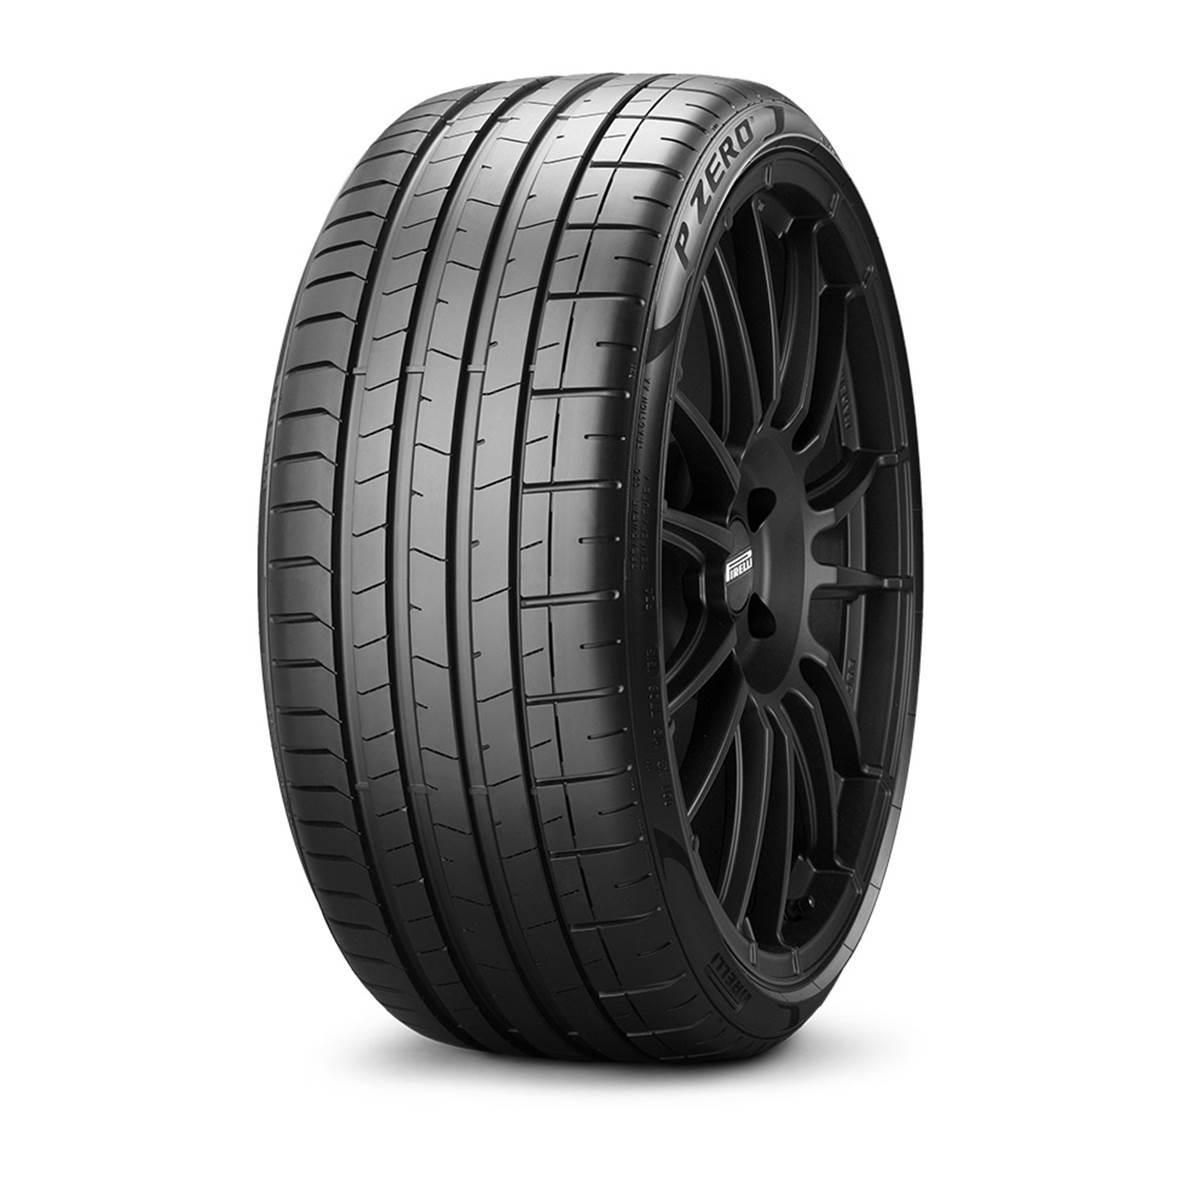 Pneu Runflat Pirelli 275/40R19 101Y Pzero